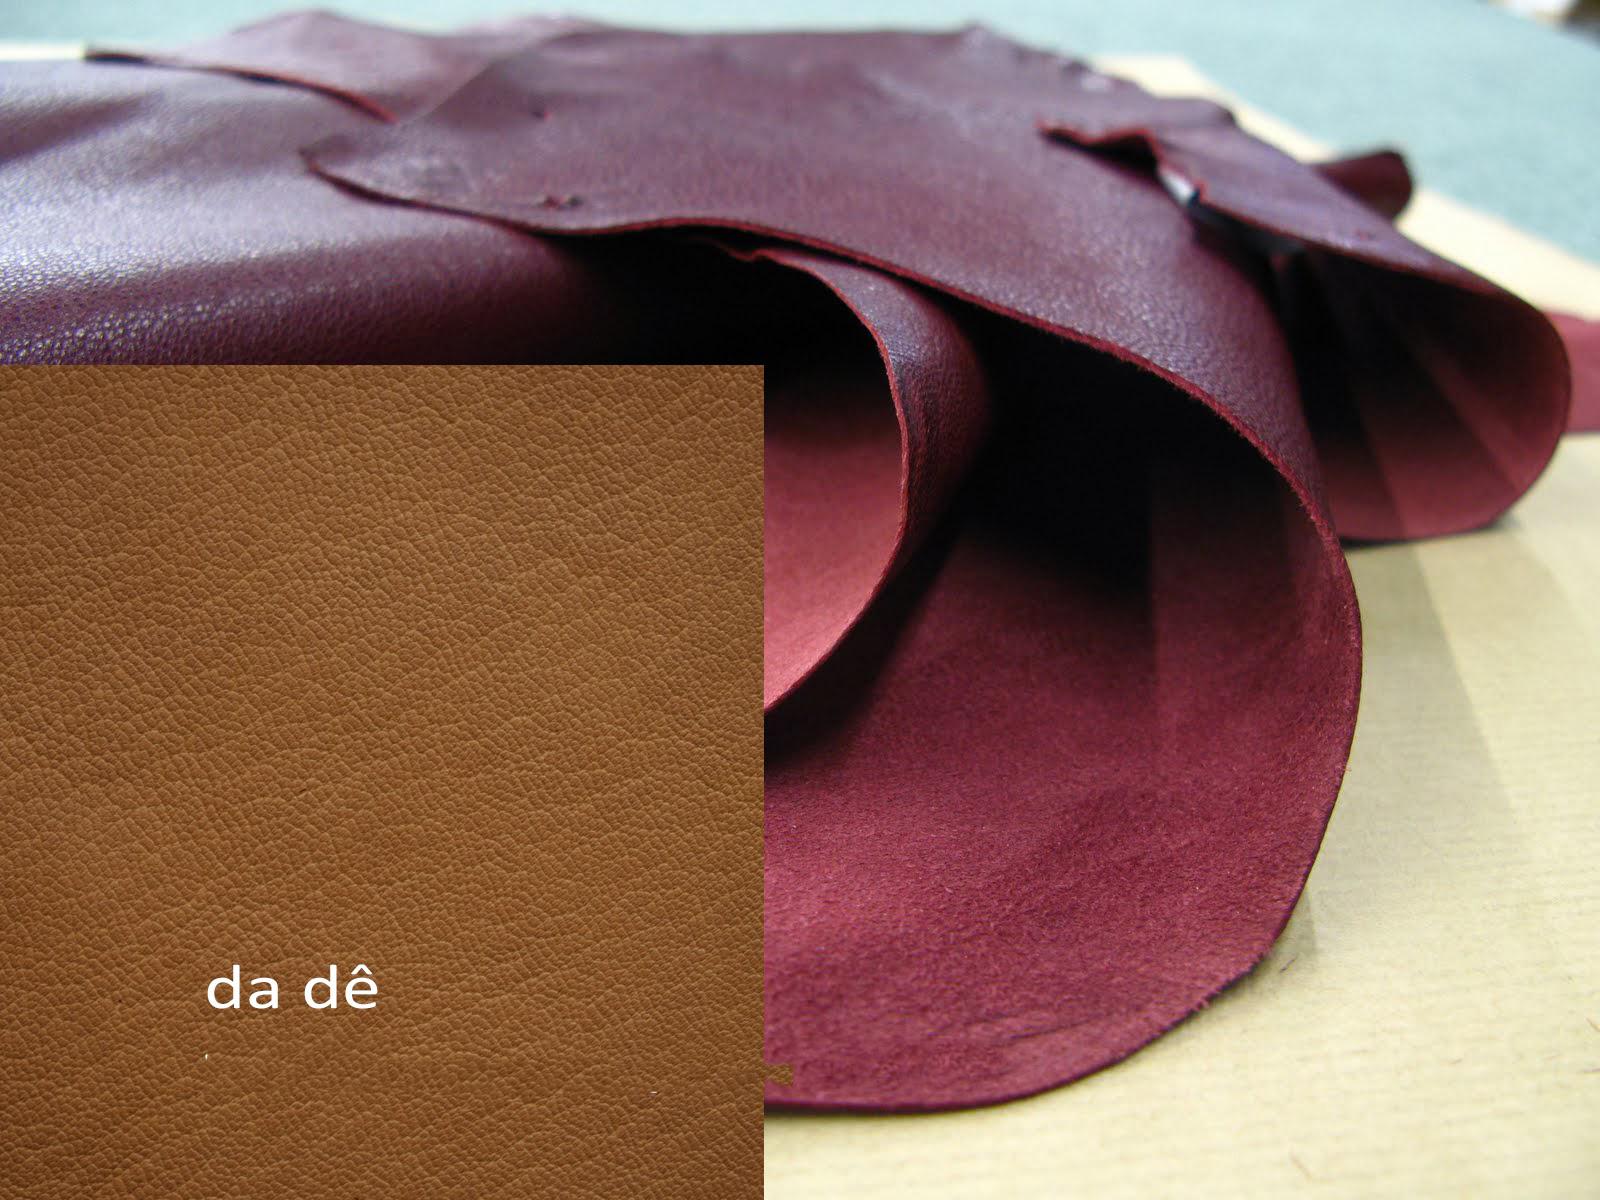 phân biệt các loại da bò, Cách phân biệt các loại da bò phổ biến nhất trong thời trang đồ da